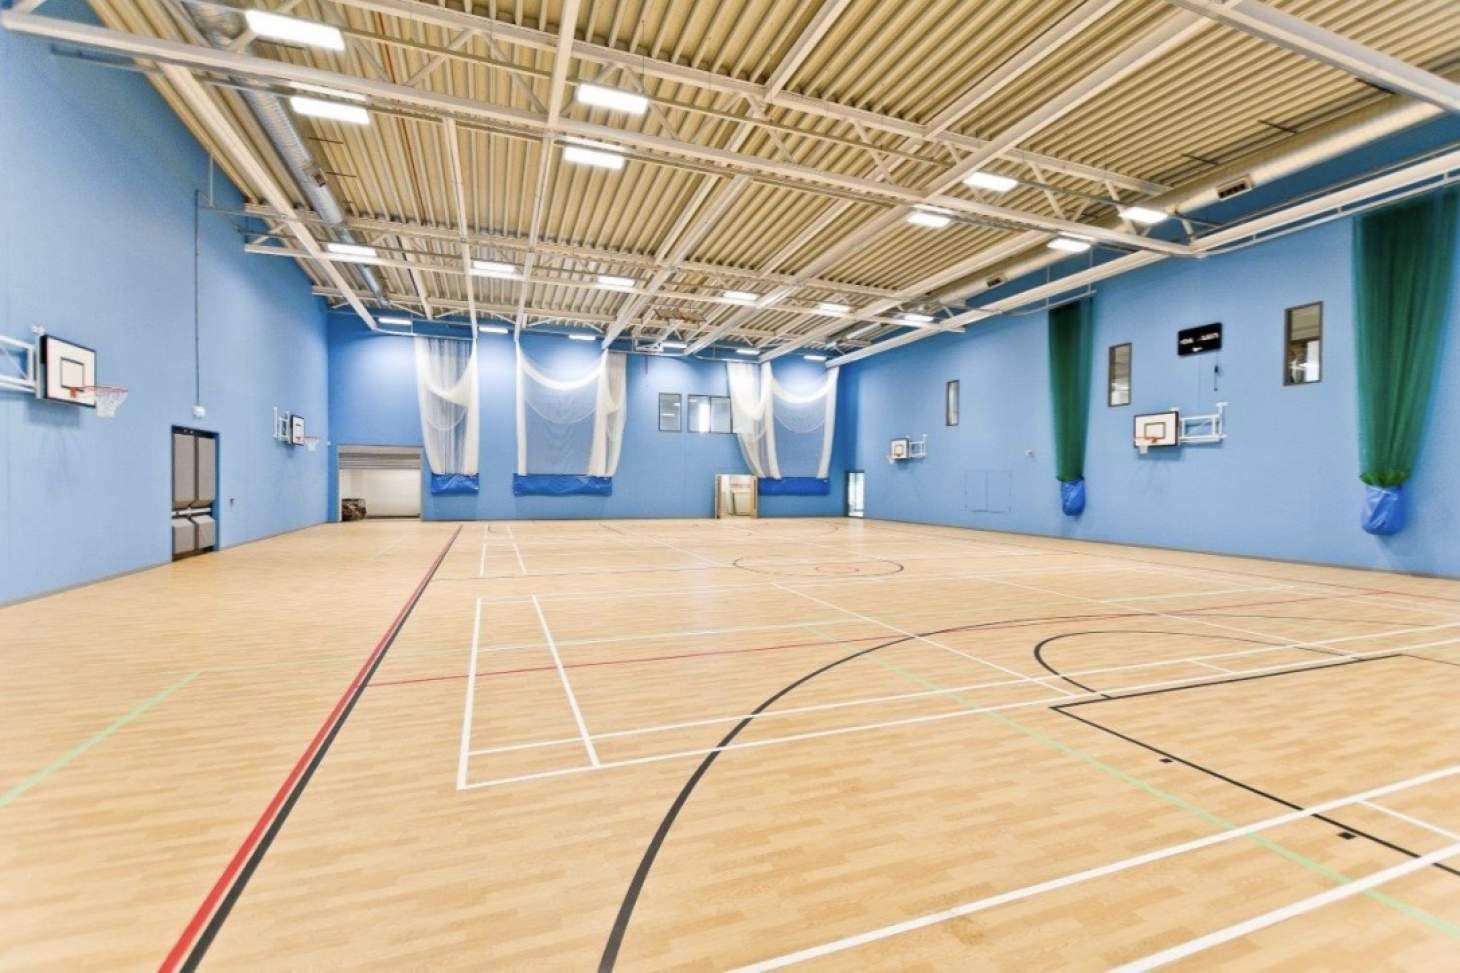 Beaumont School Indoor netball court